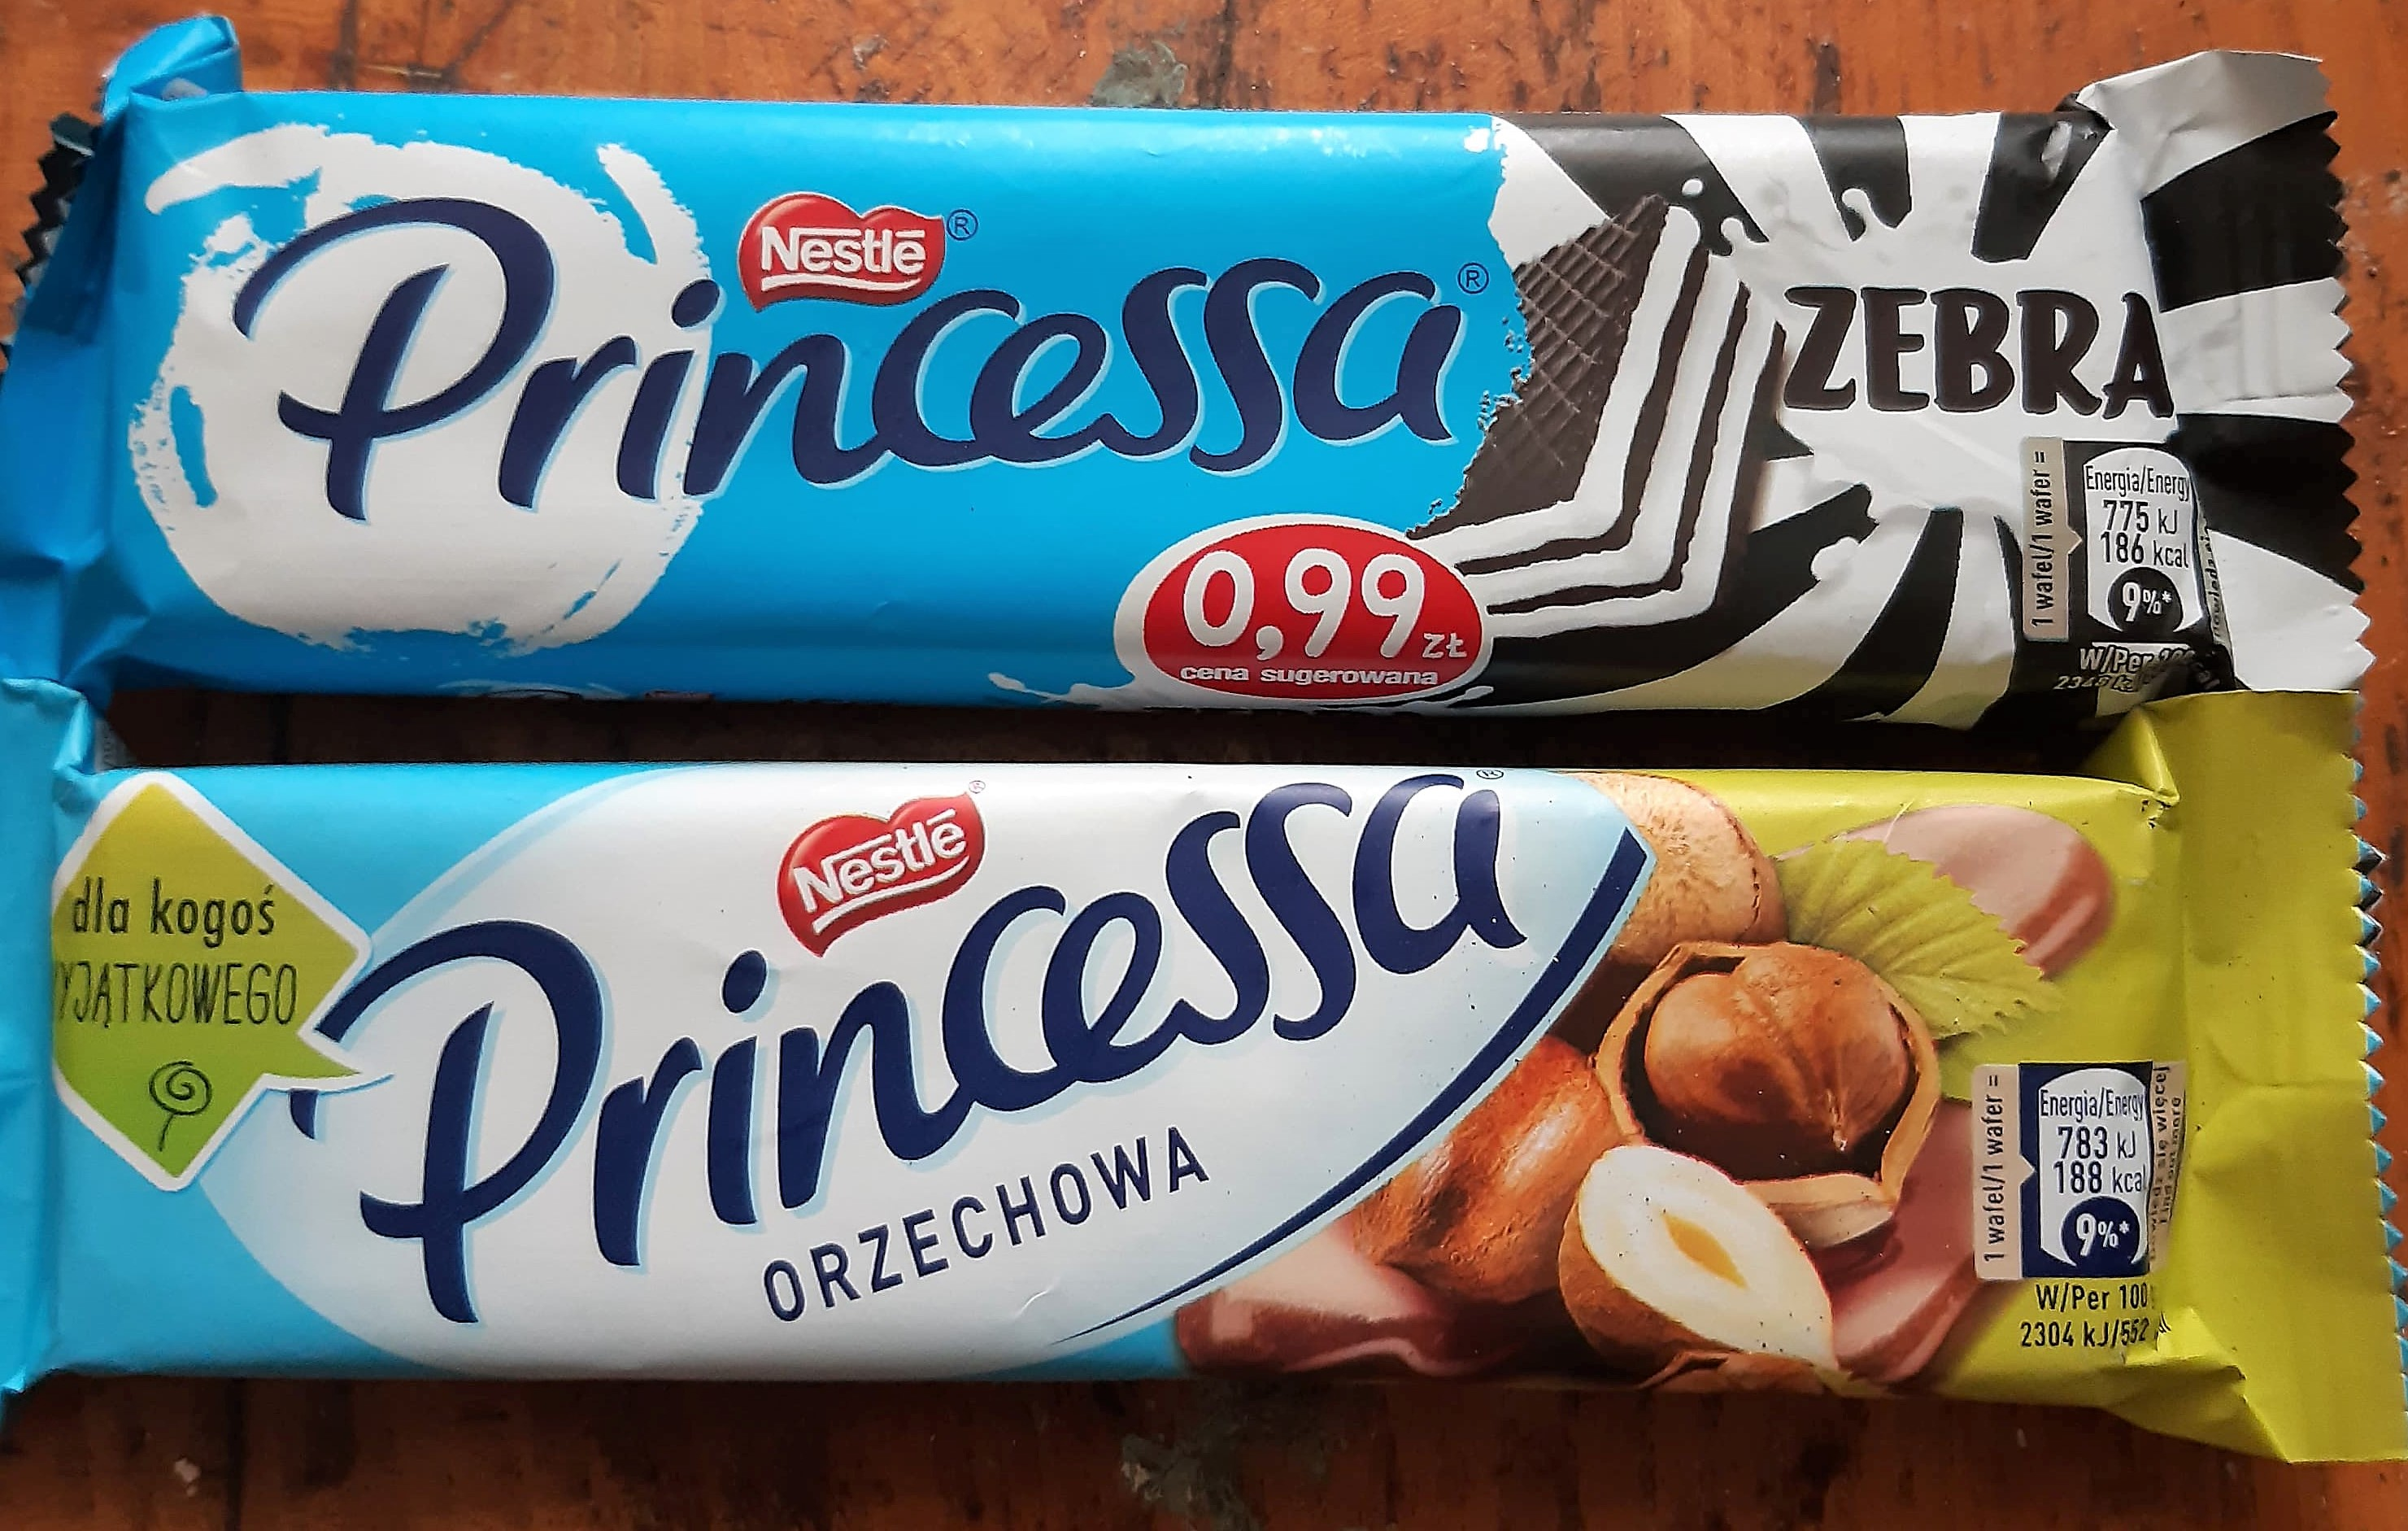 Nestle Princessa